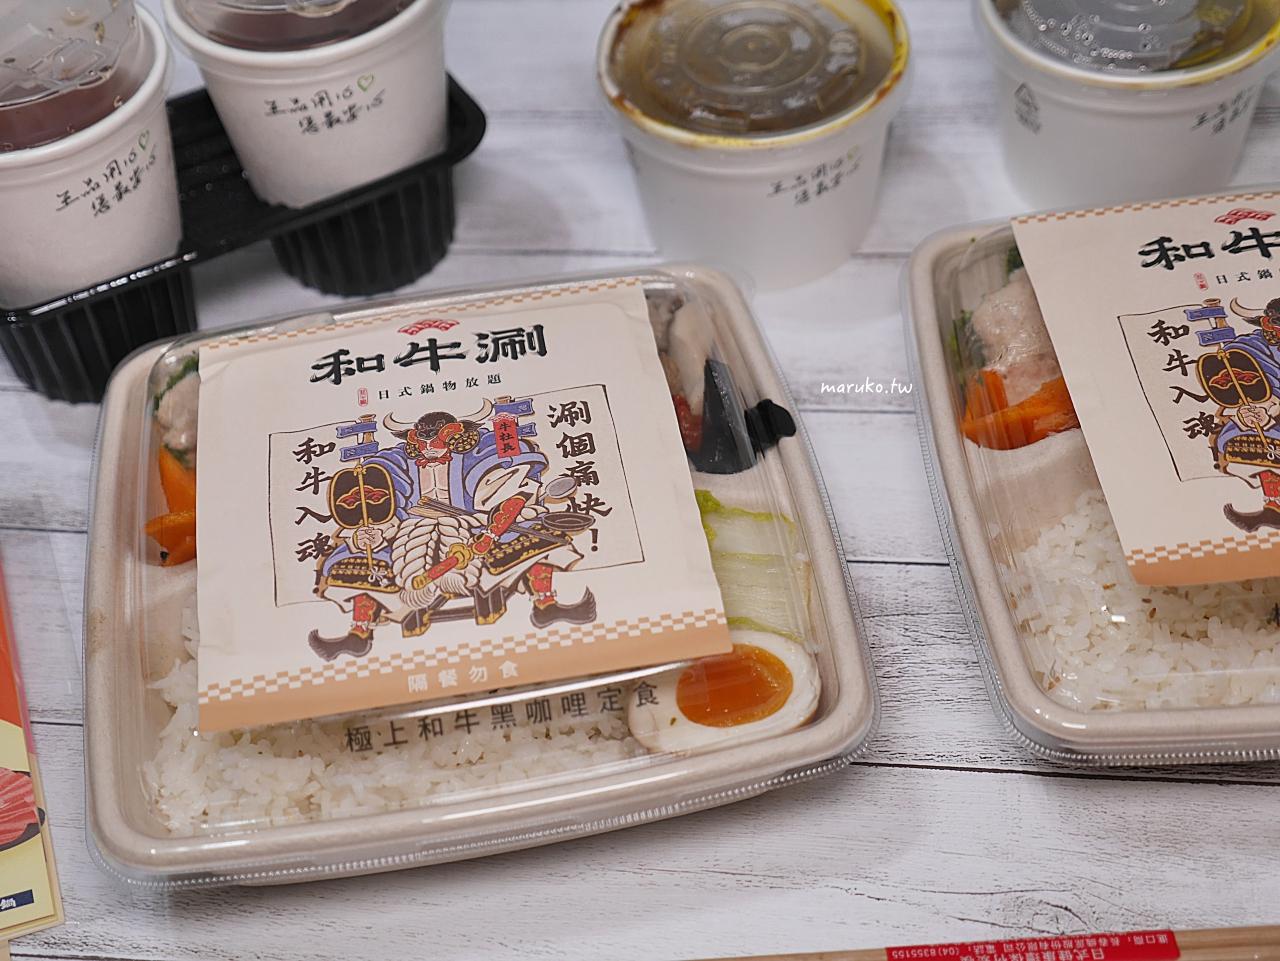 【台北】和牛涮 王品旗下第一家和牛鍋物吃到飽 和牛便當 180元有找